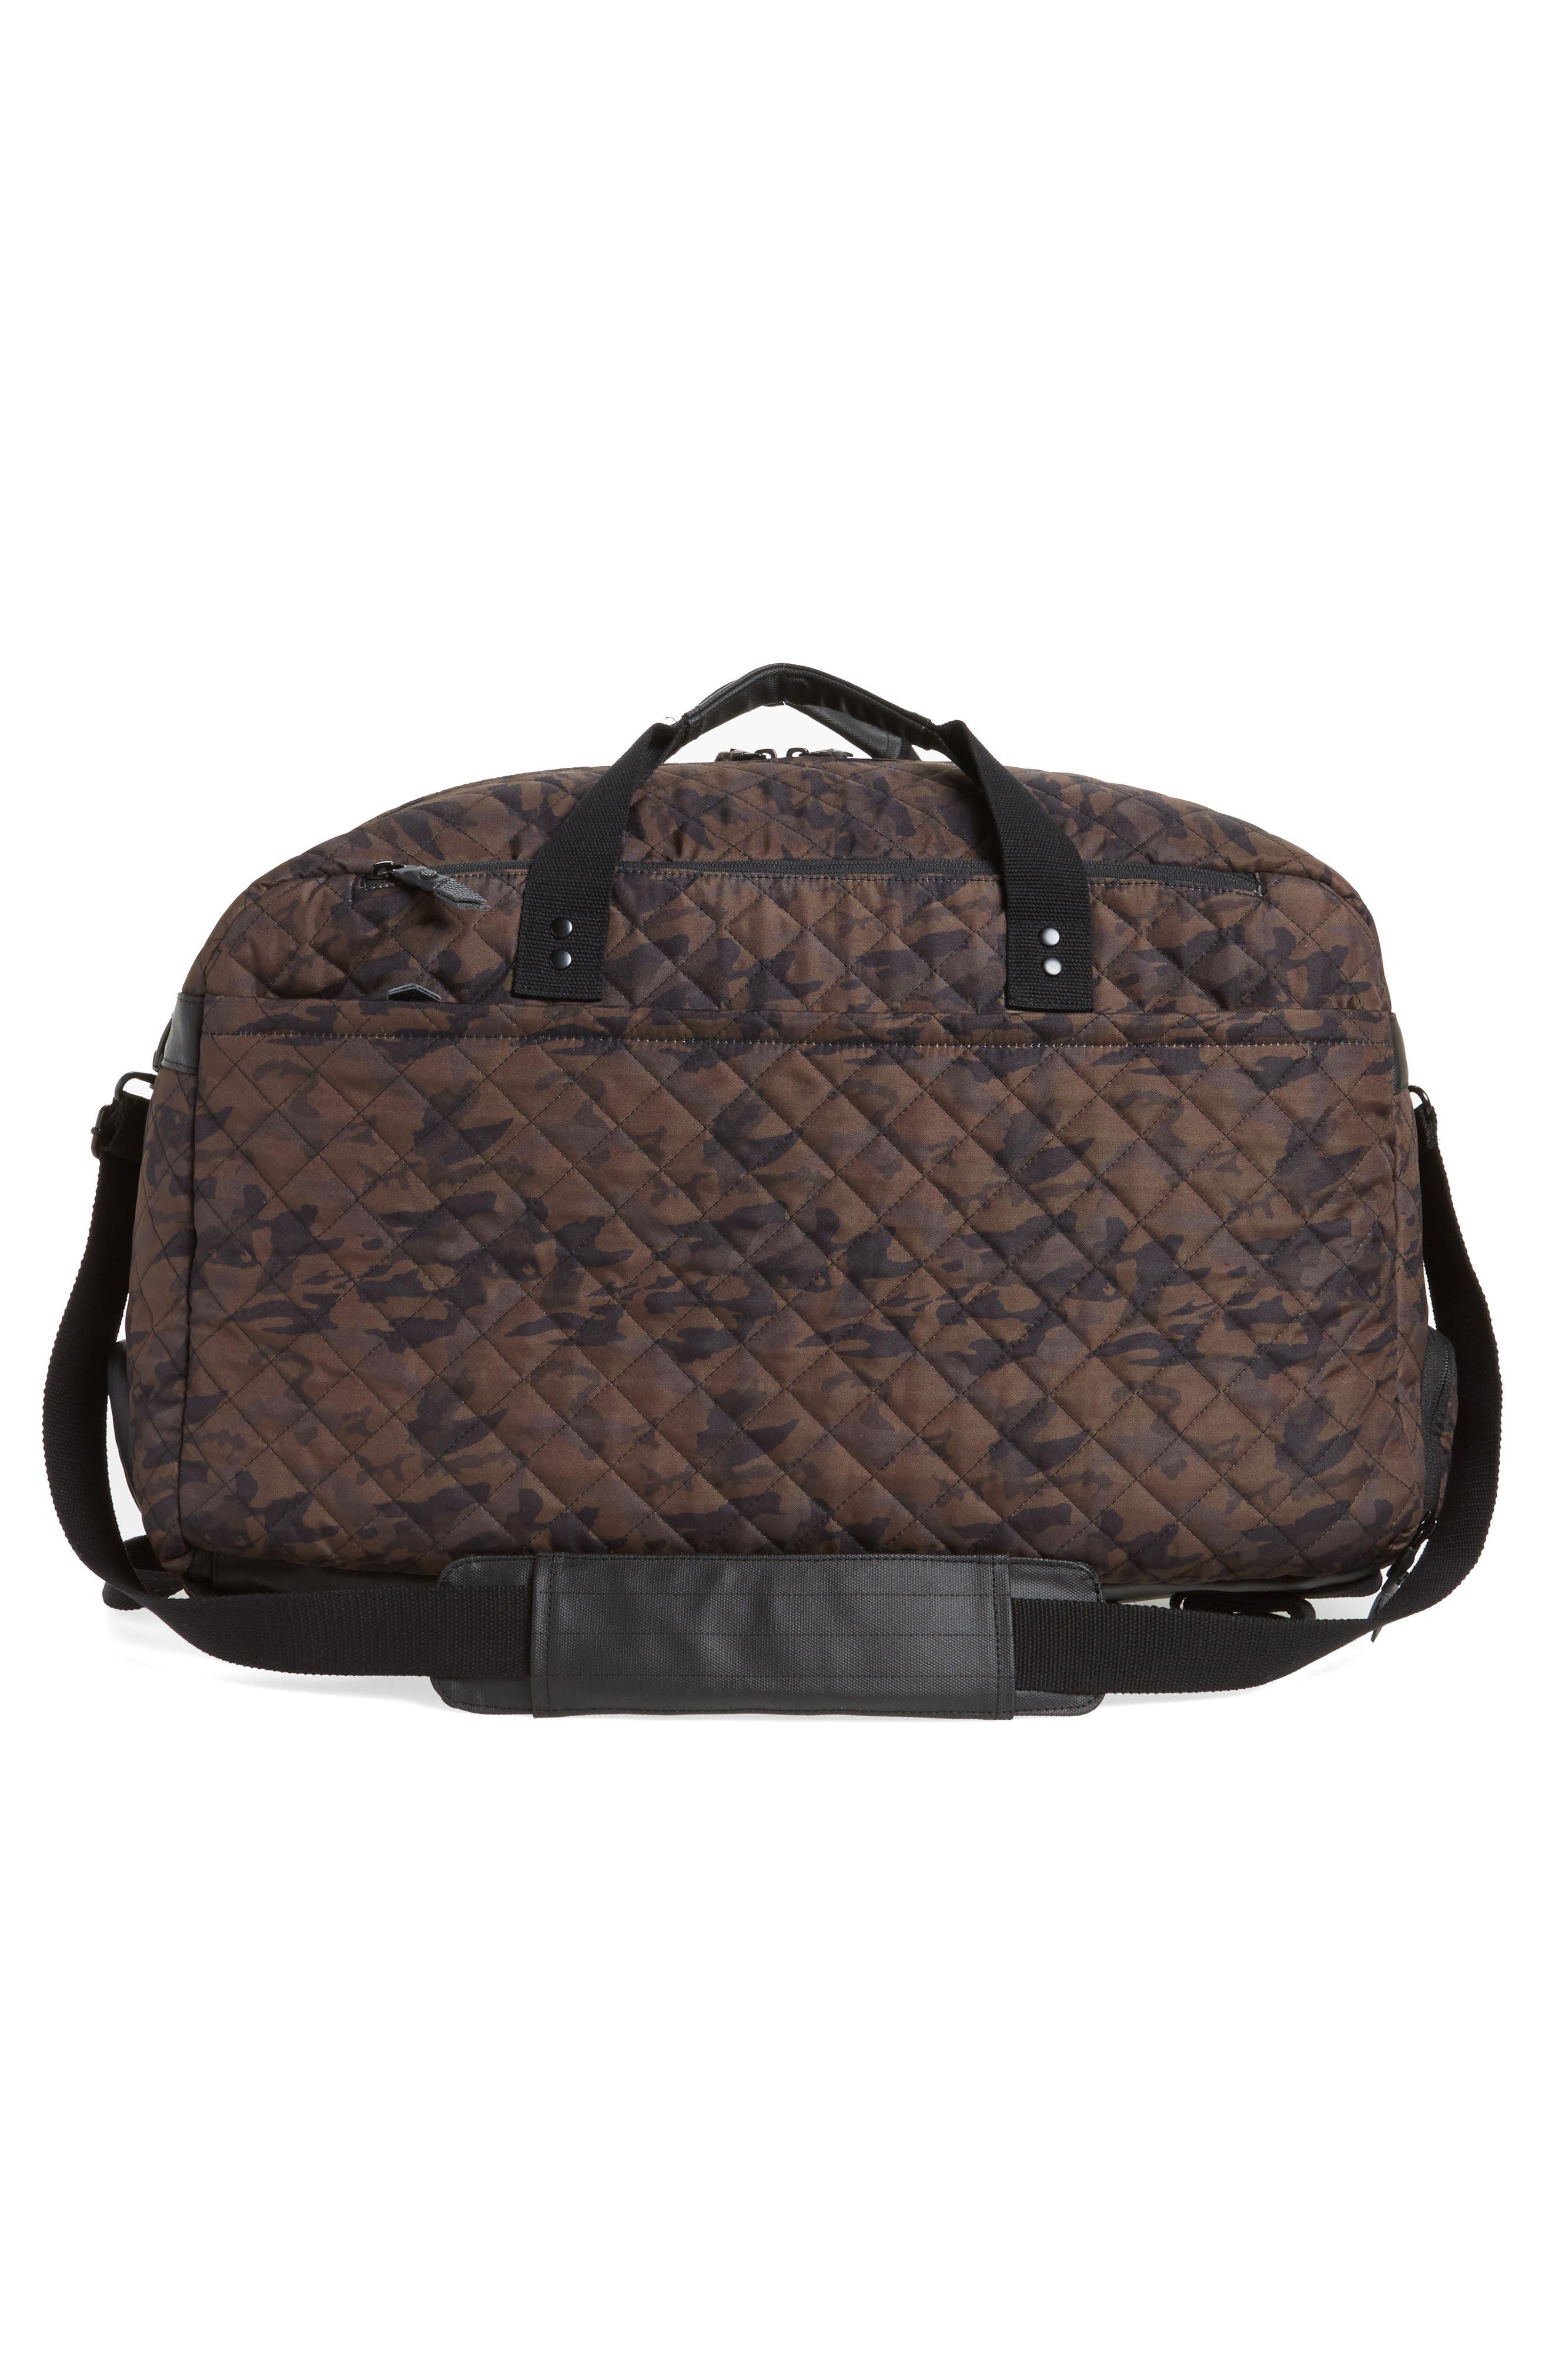 Alternate Image 3  - HEX Convertible Duffel Bag